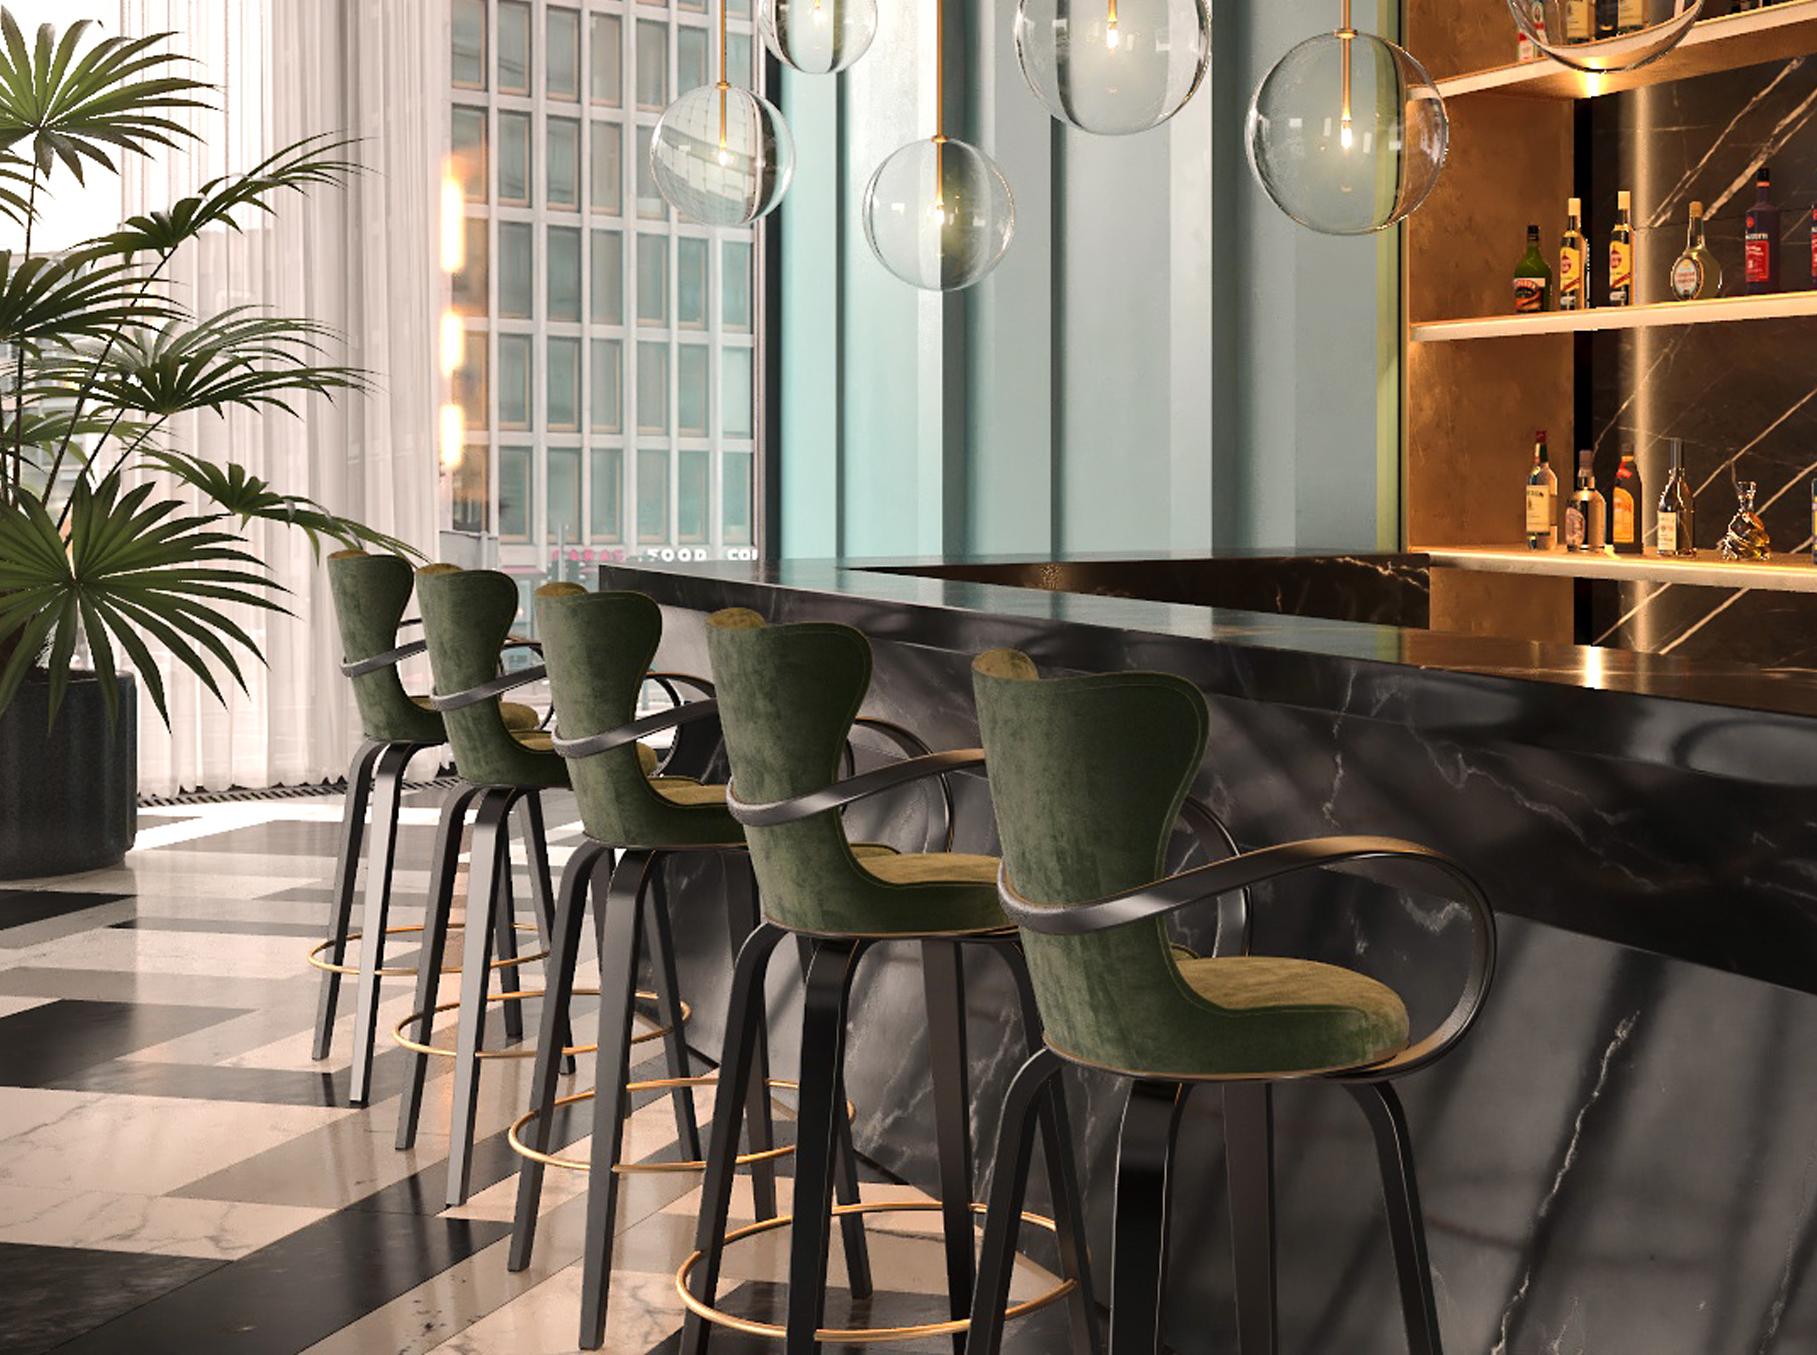 стулья для барной стойки фото сделано